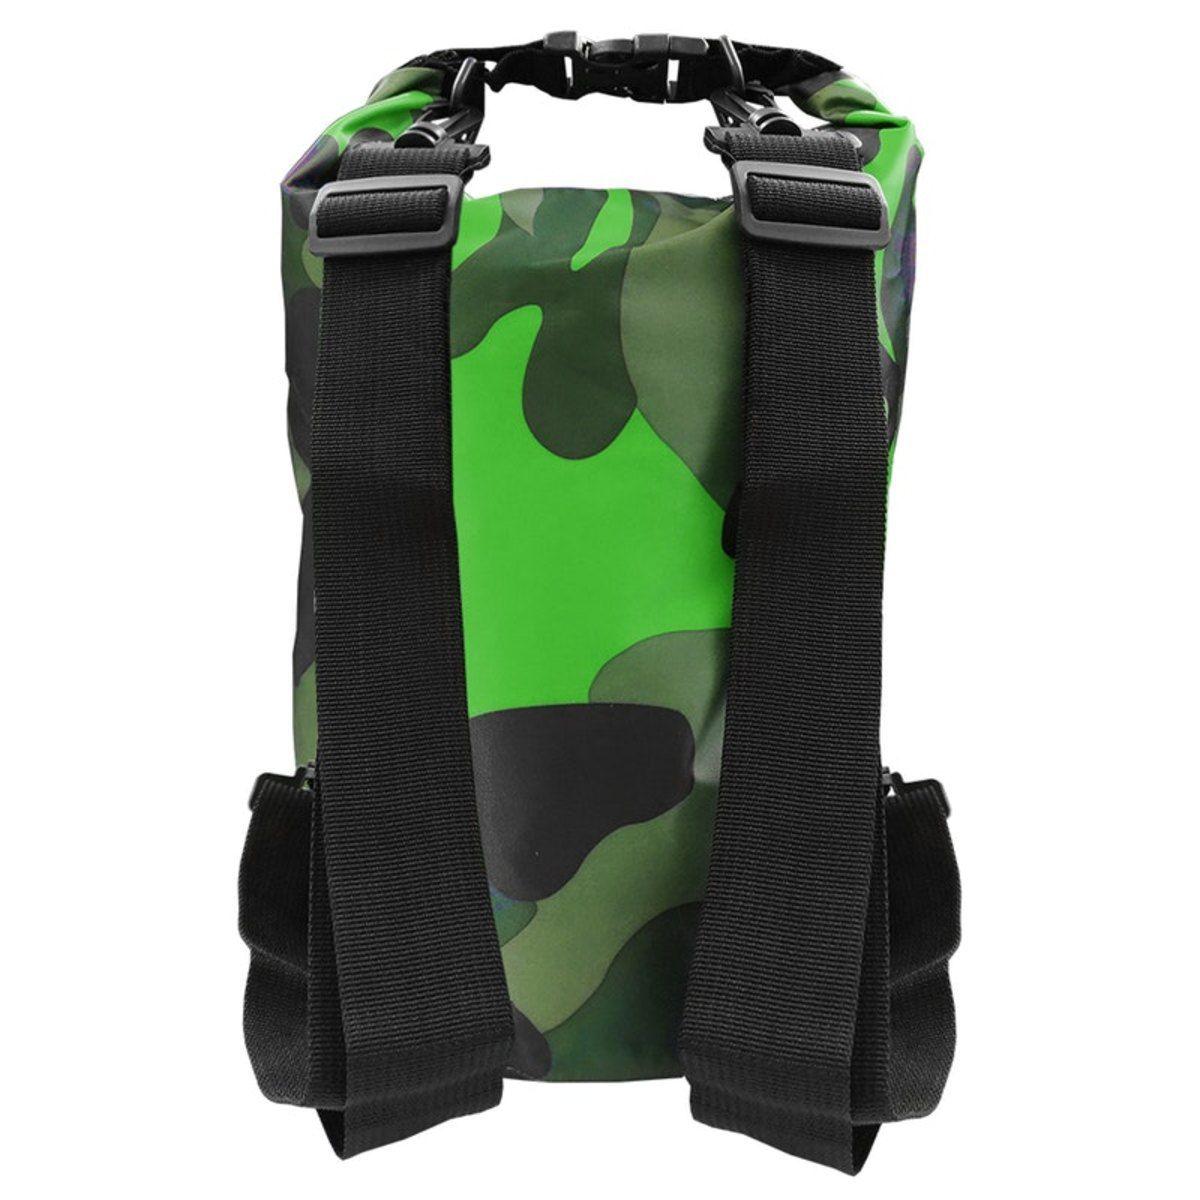 Bolsa Impermeável Albatroz Fishing Camp Bag Camuflada Verde 10 Litros